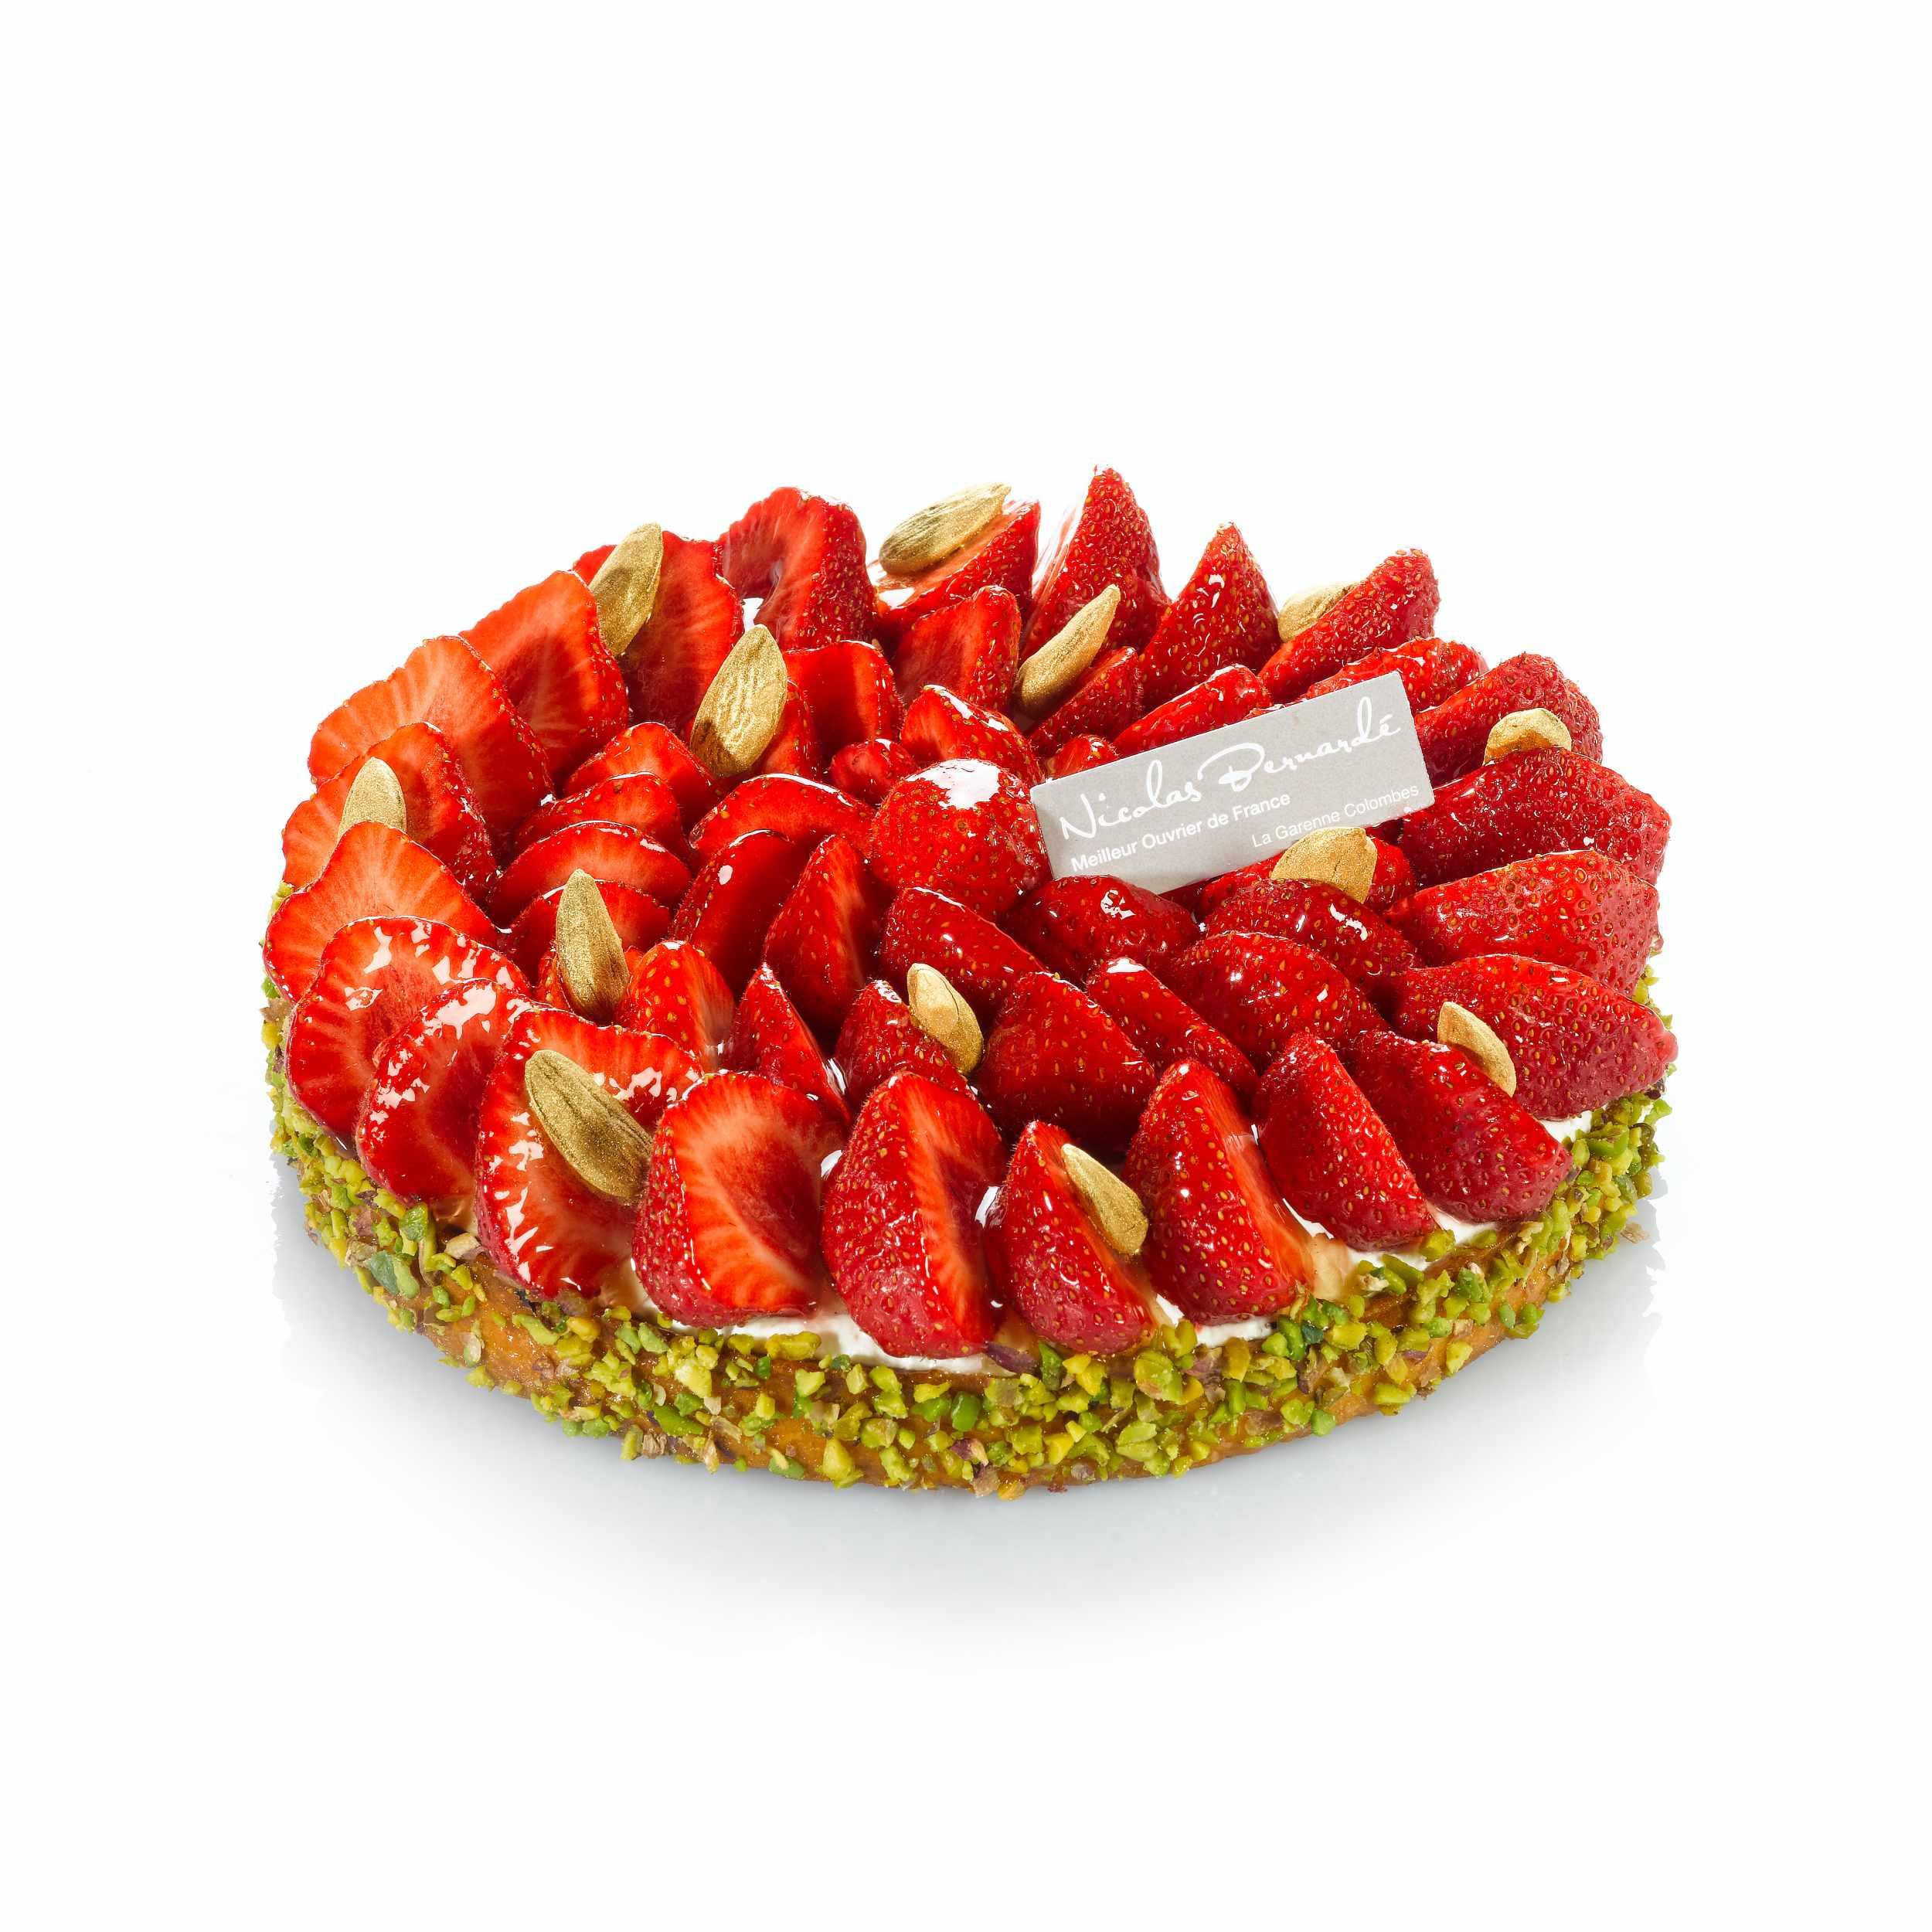 Tarte-pistaches-et-fruits-rouges.jpg